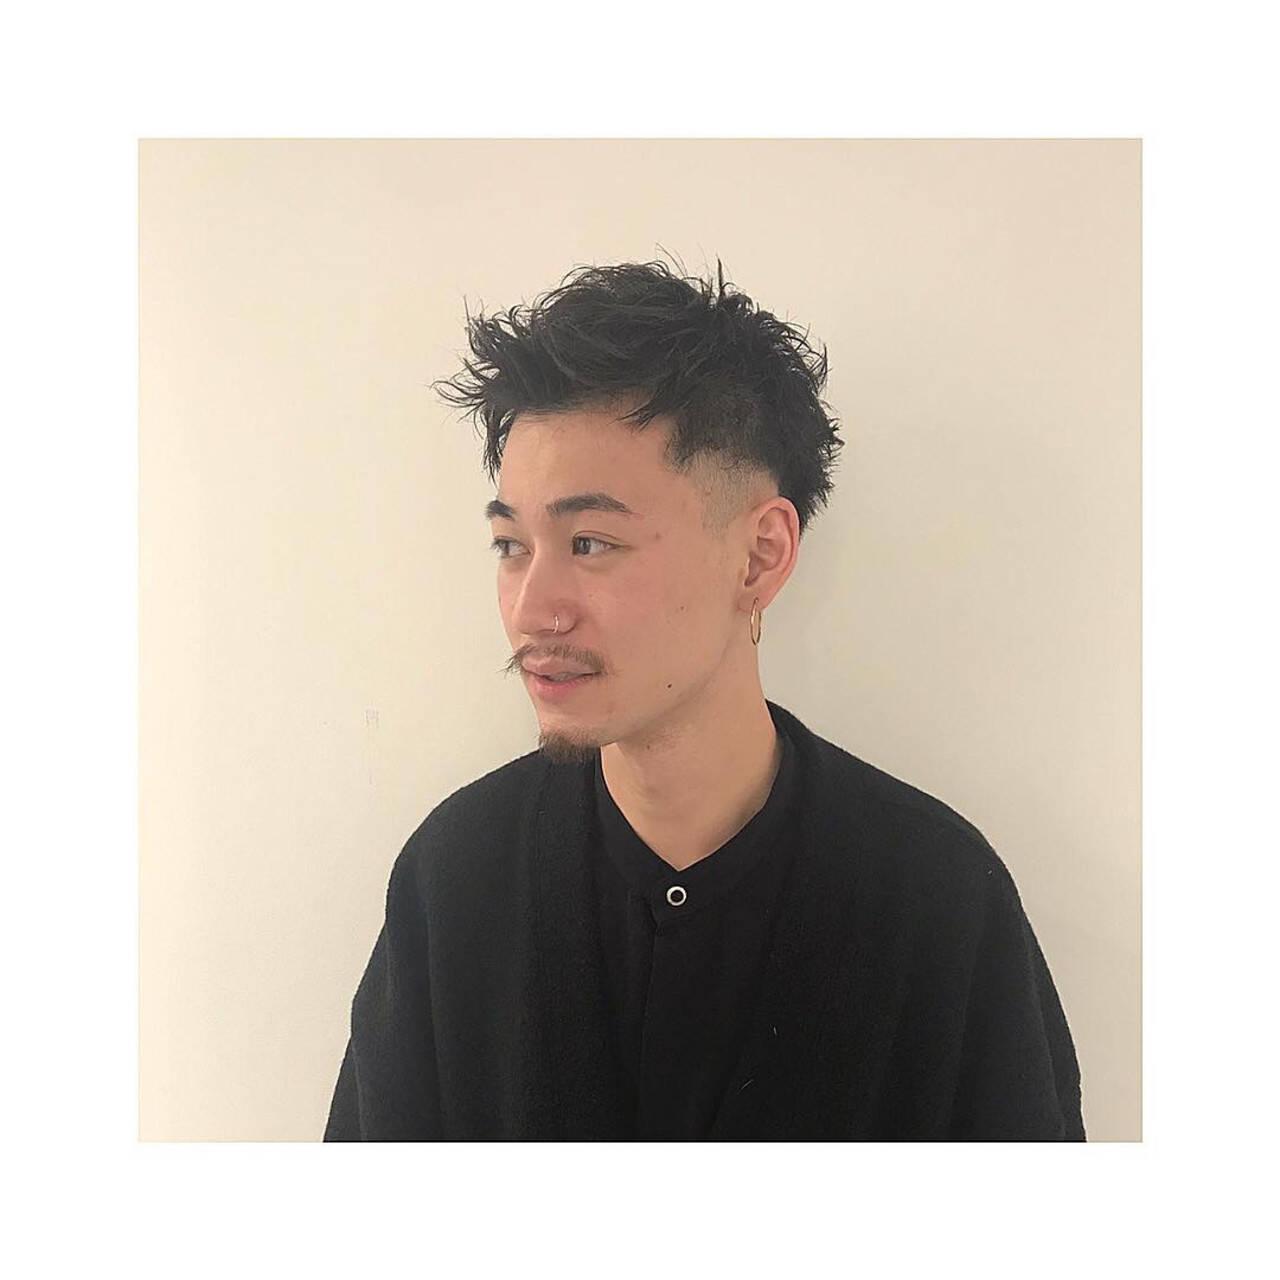 くせ毛 スキンフェード ショート メンズカットヘアスタイルや髪型の写真・画像